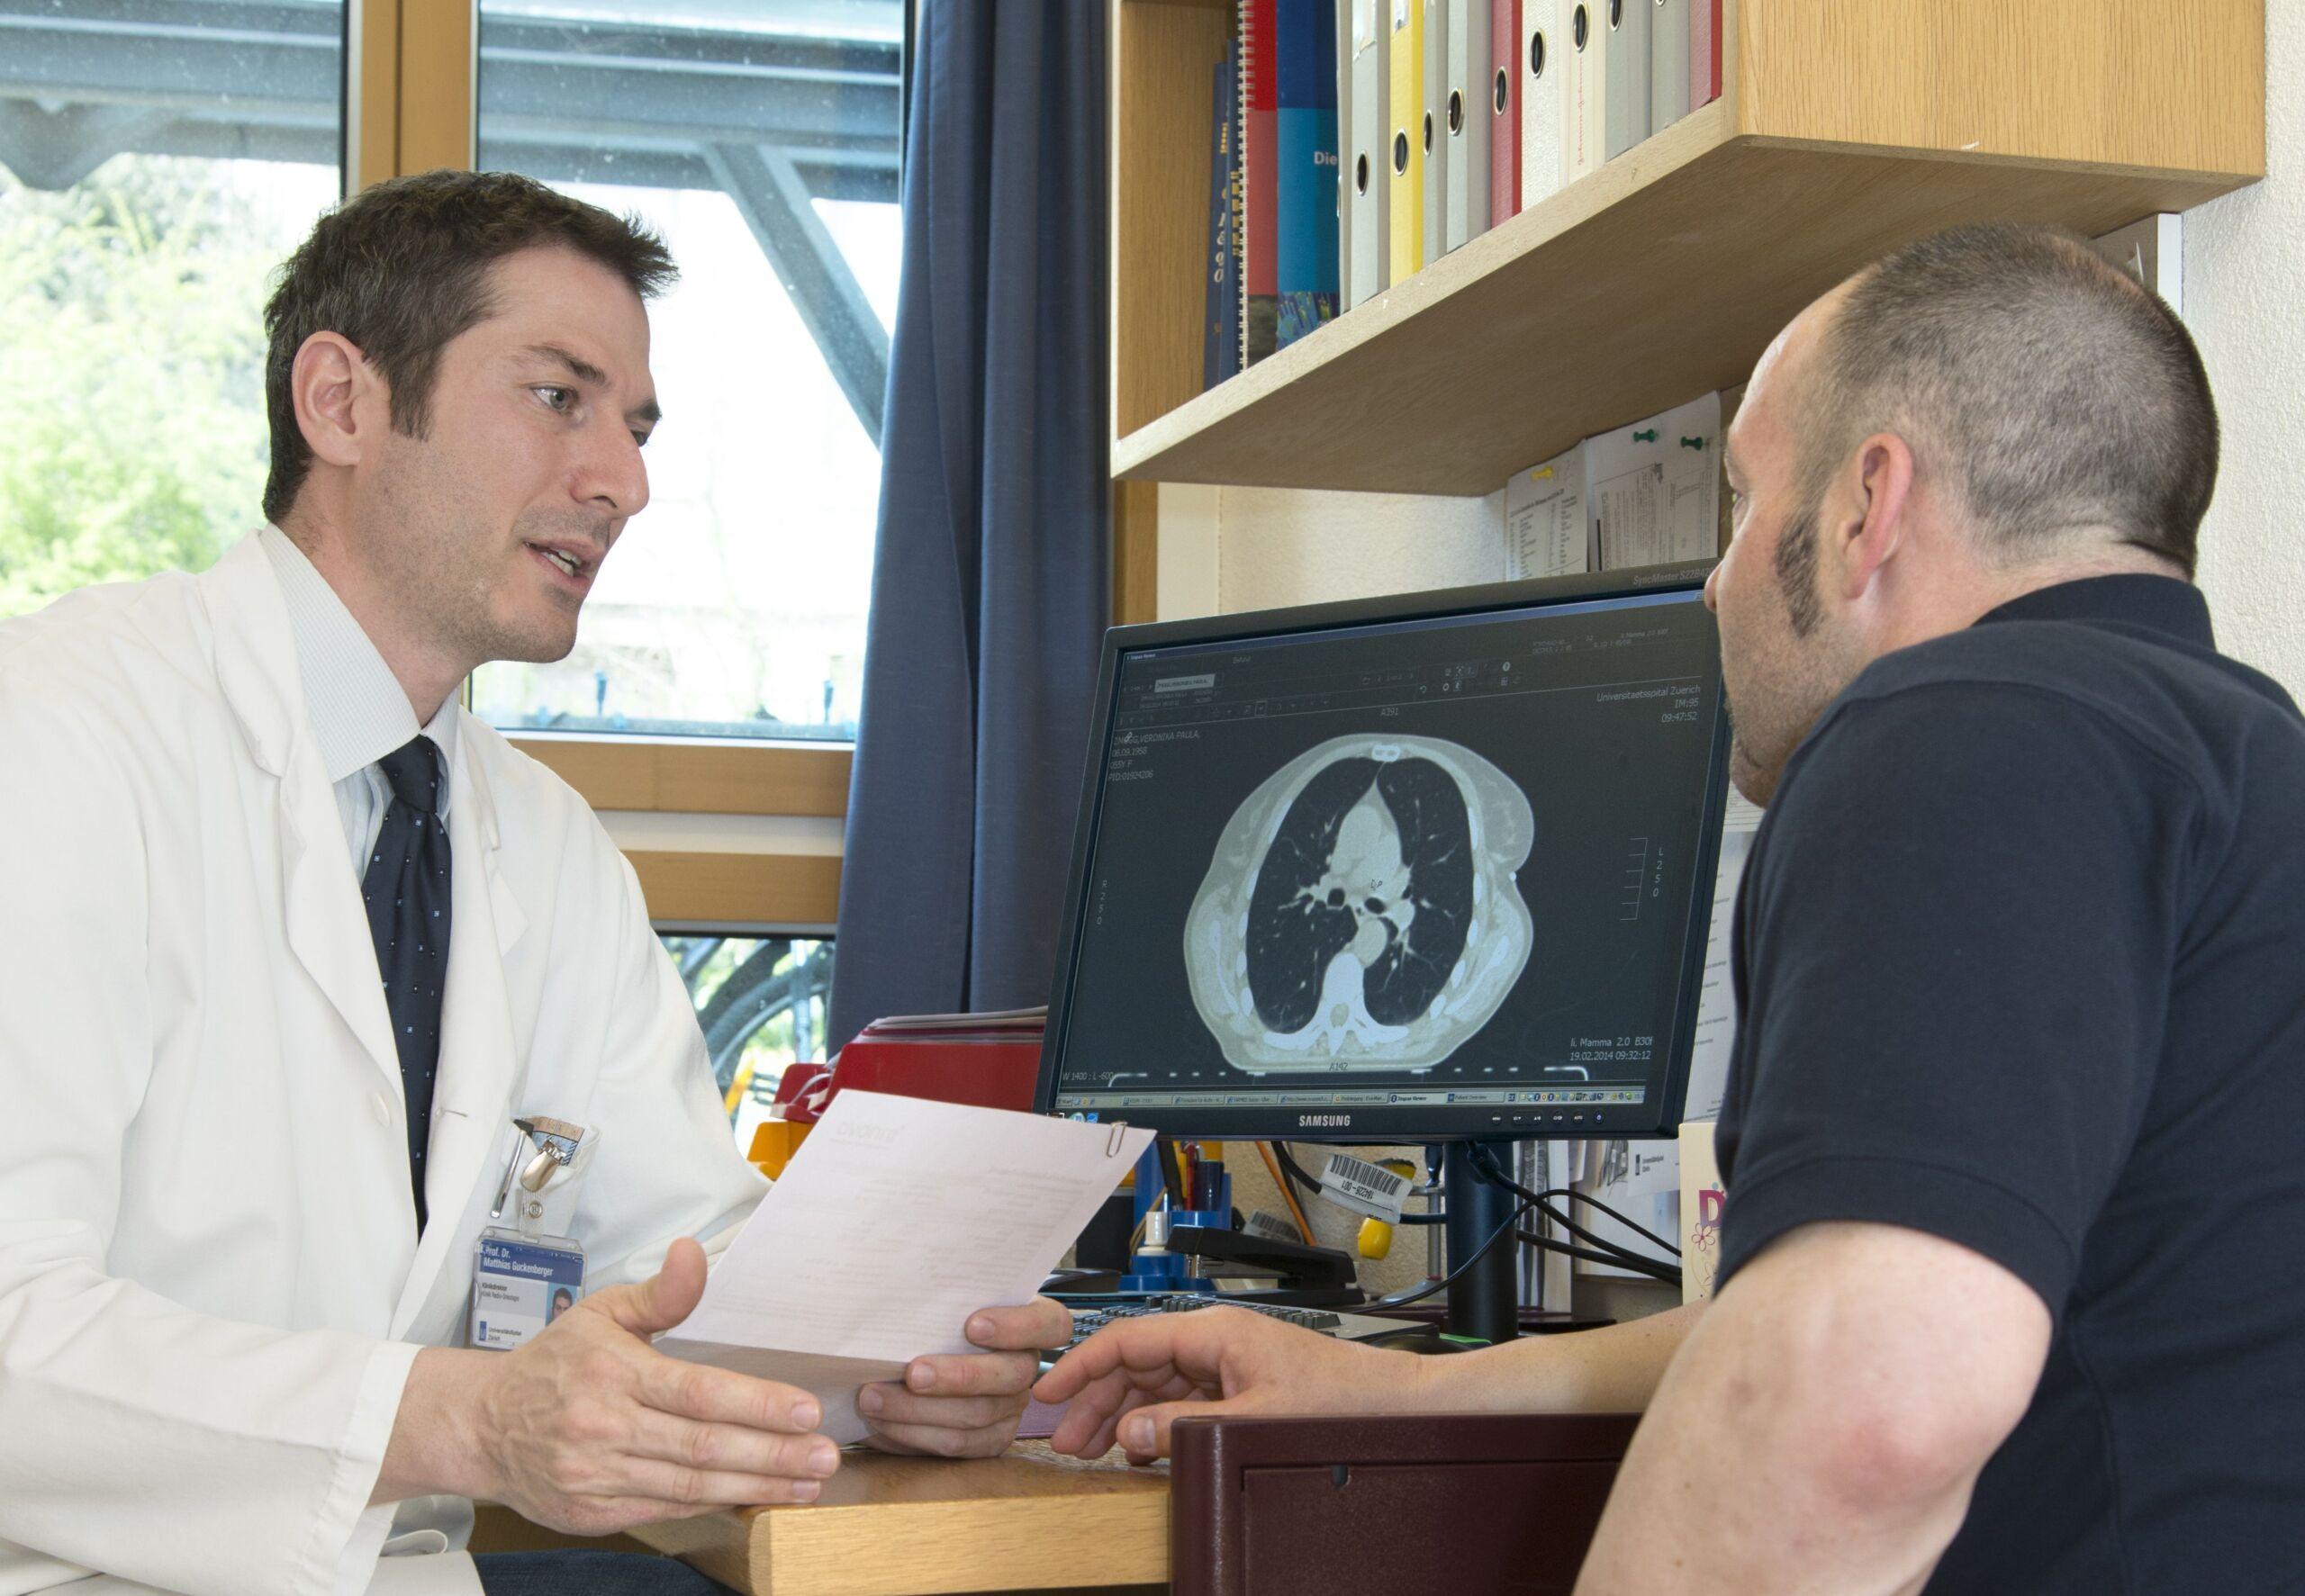 Erstgespräch Arzt mit Patient